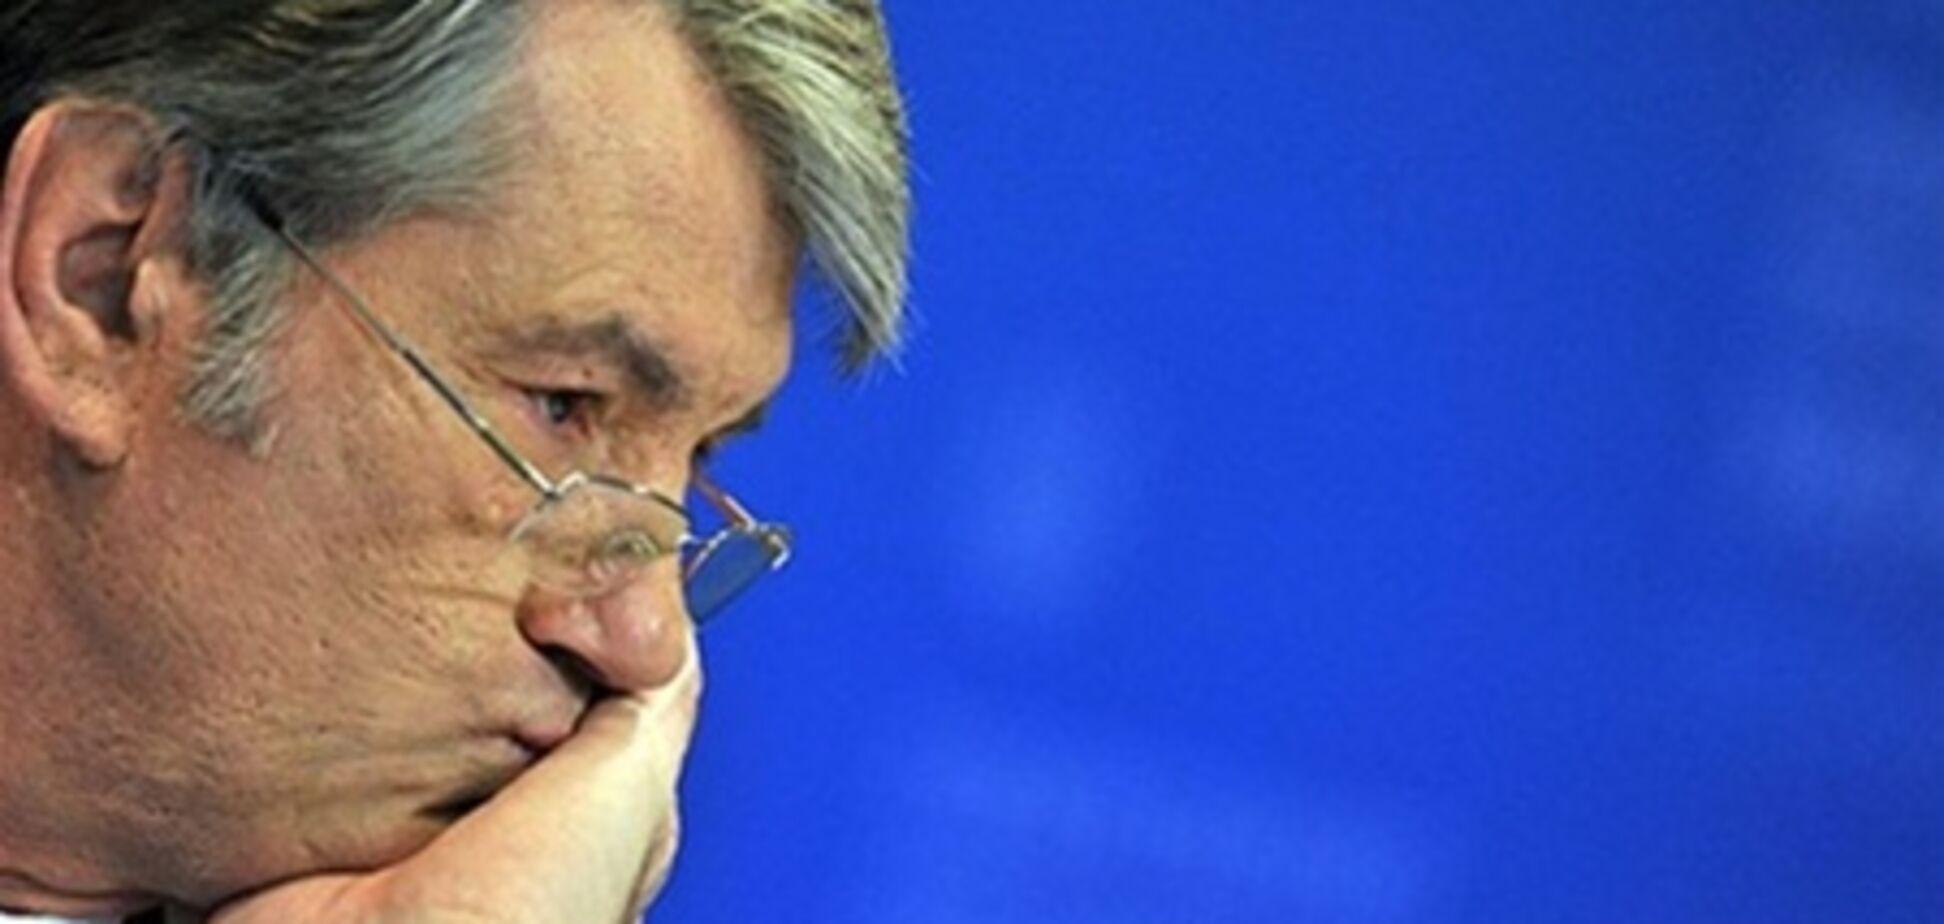 Ющенко хоче отримати американське громадянство і виїхати в США?